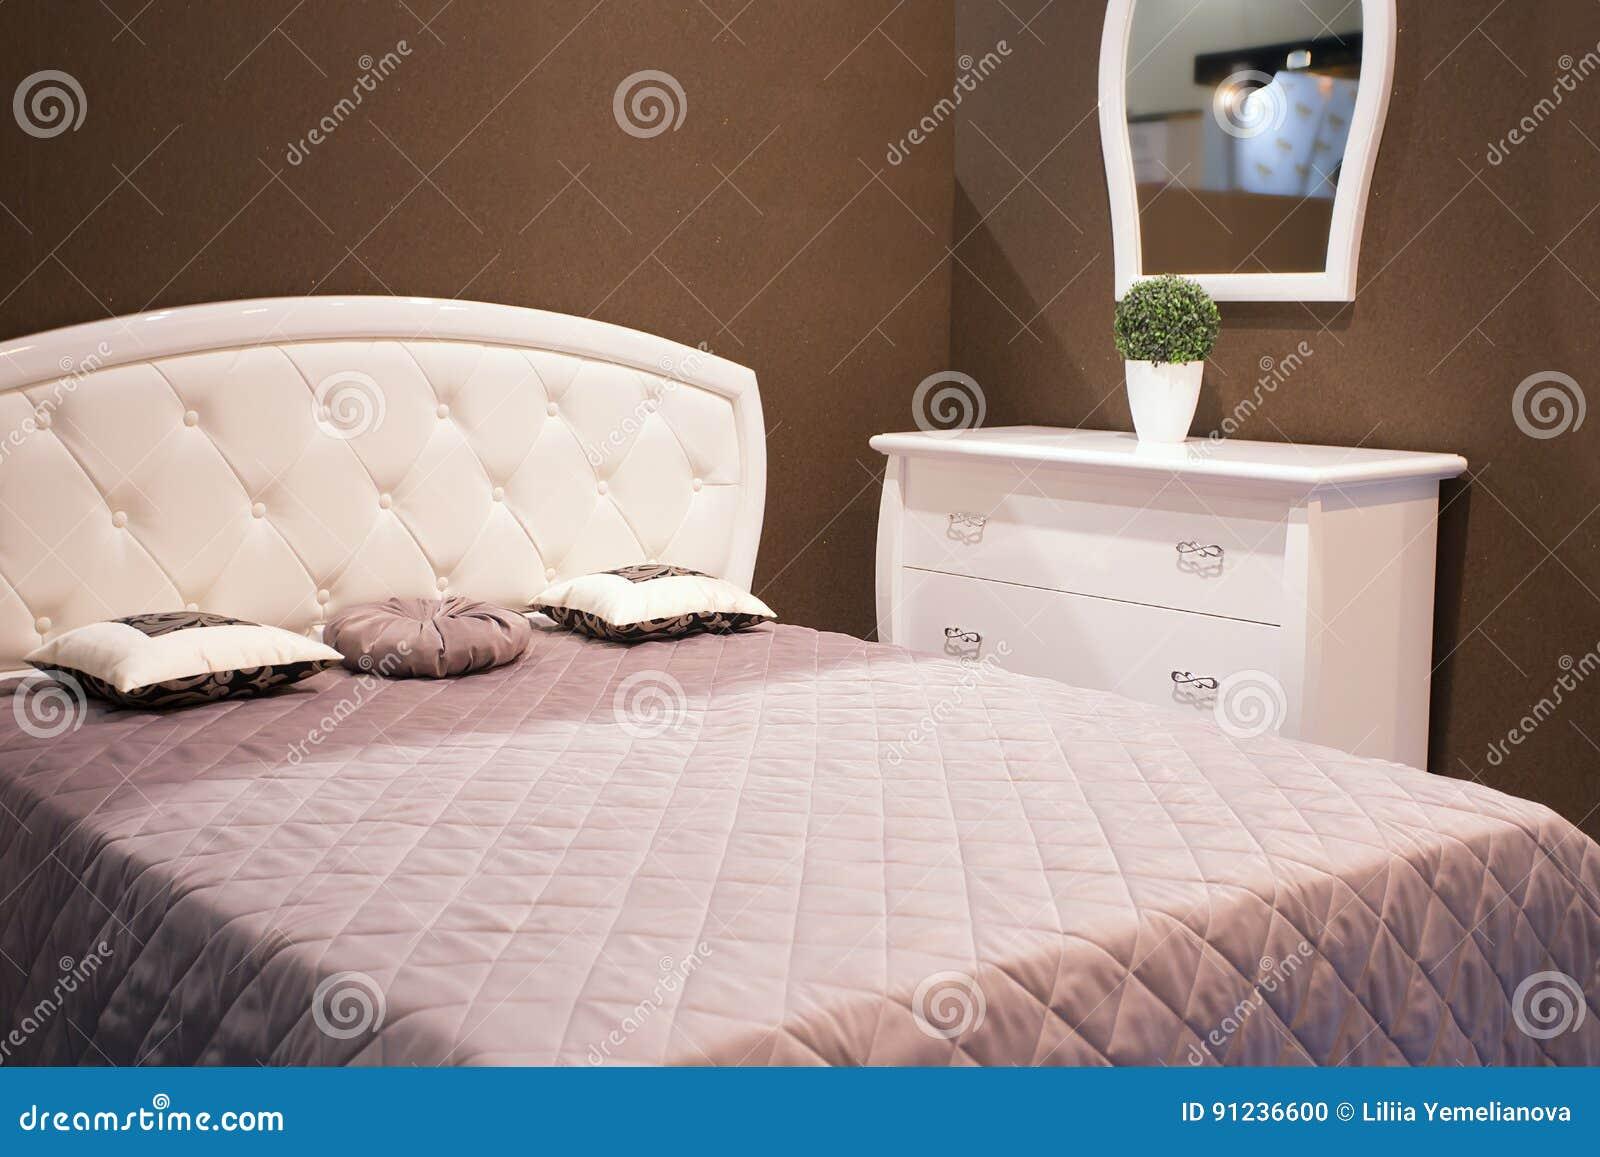 Chambre A Coucher Foncee Intime Avec La Lumiere Electrique Photo